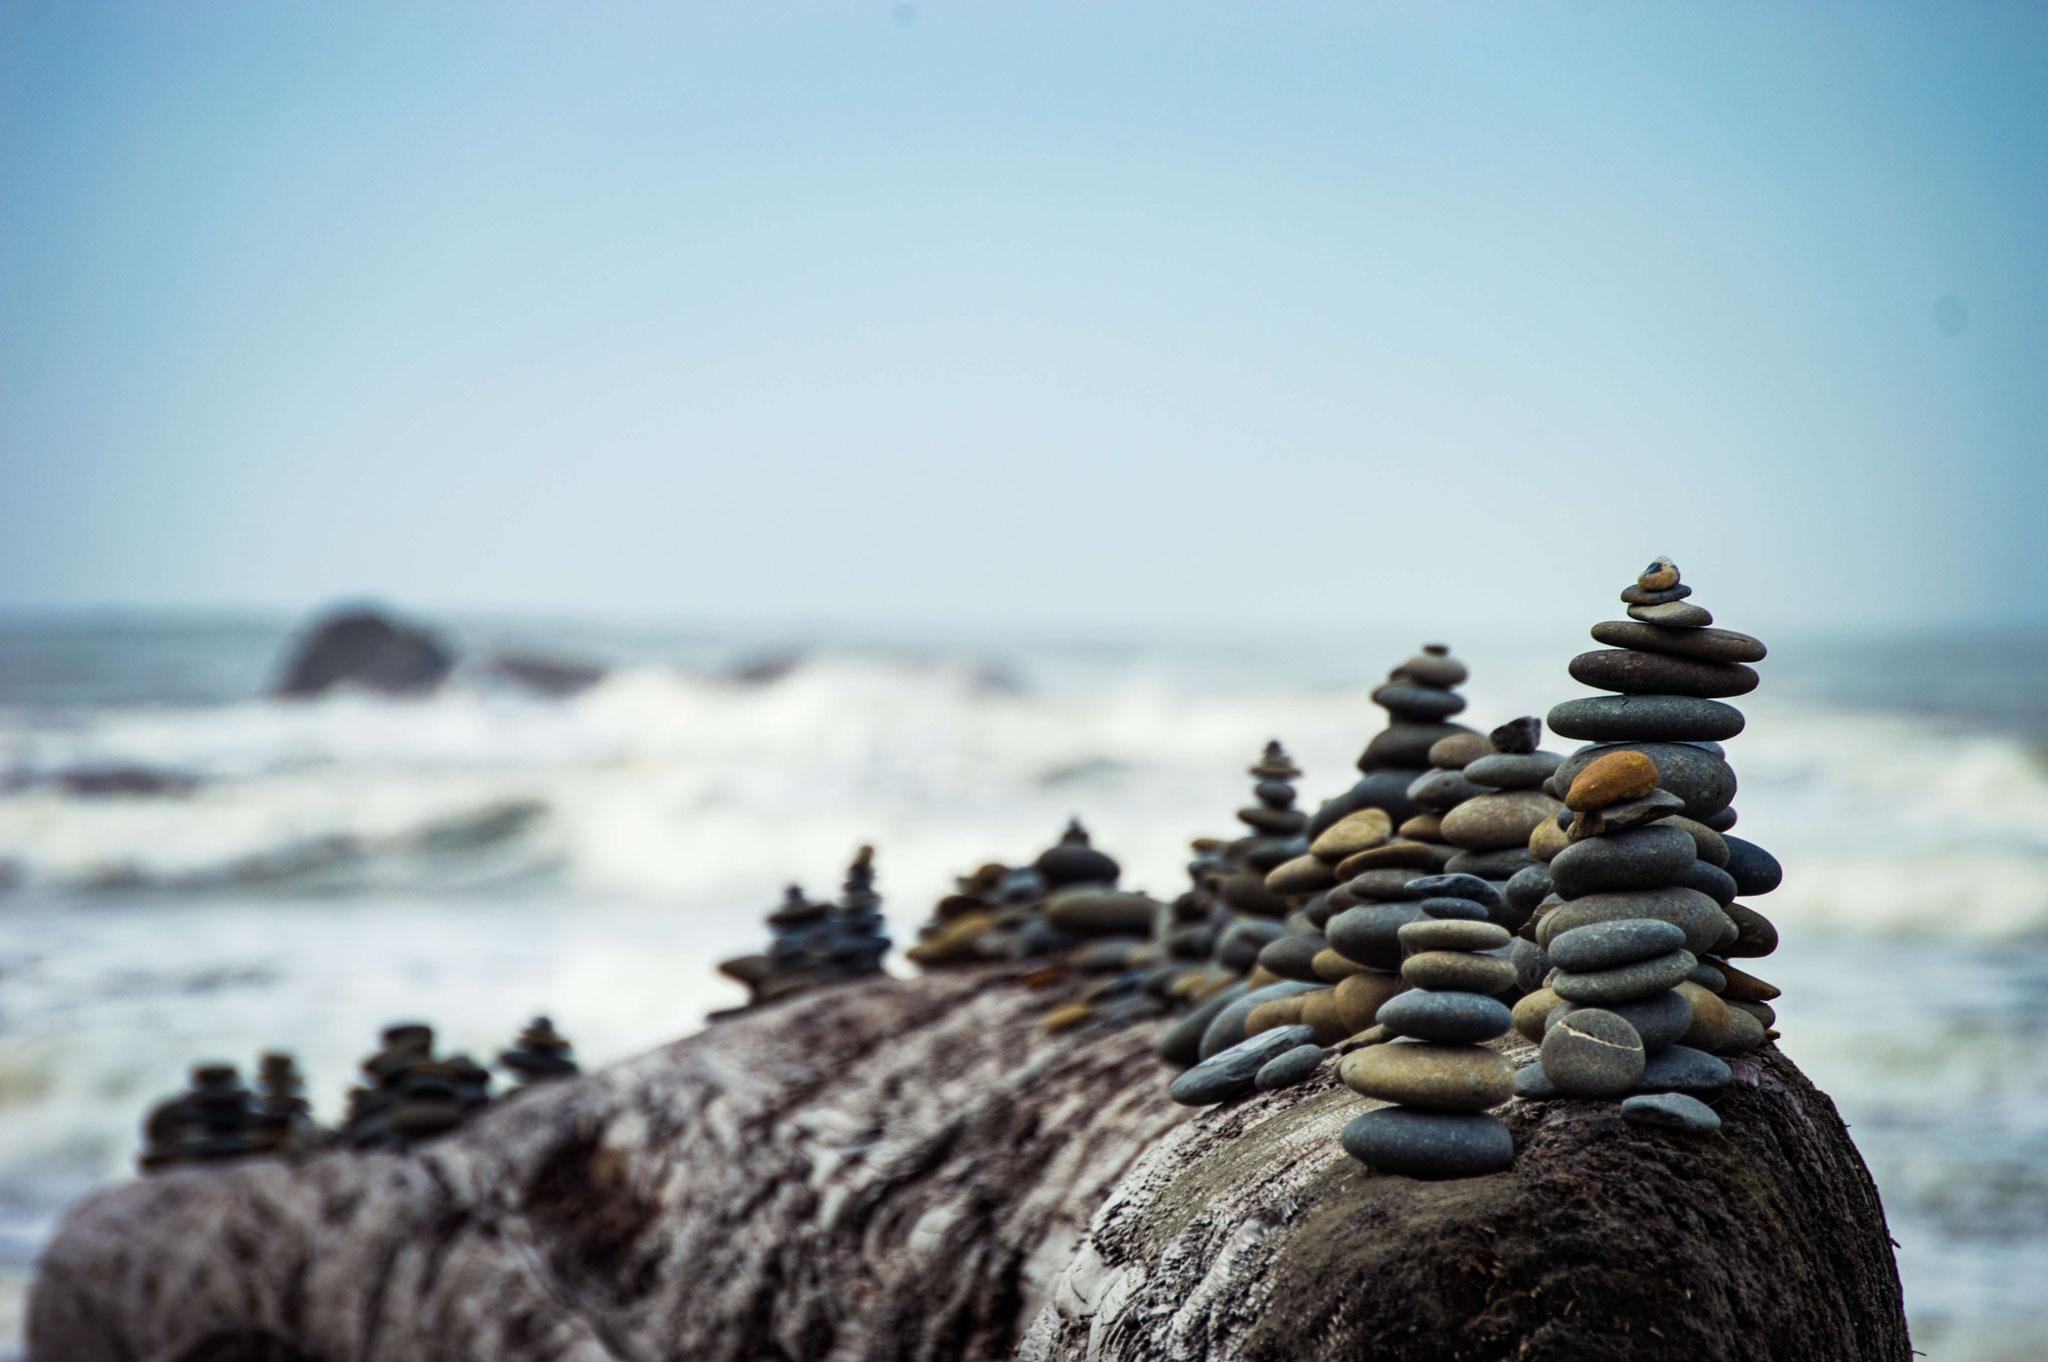 Leben im Gleichgewicht